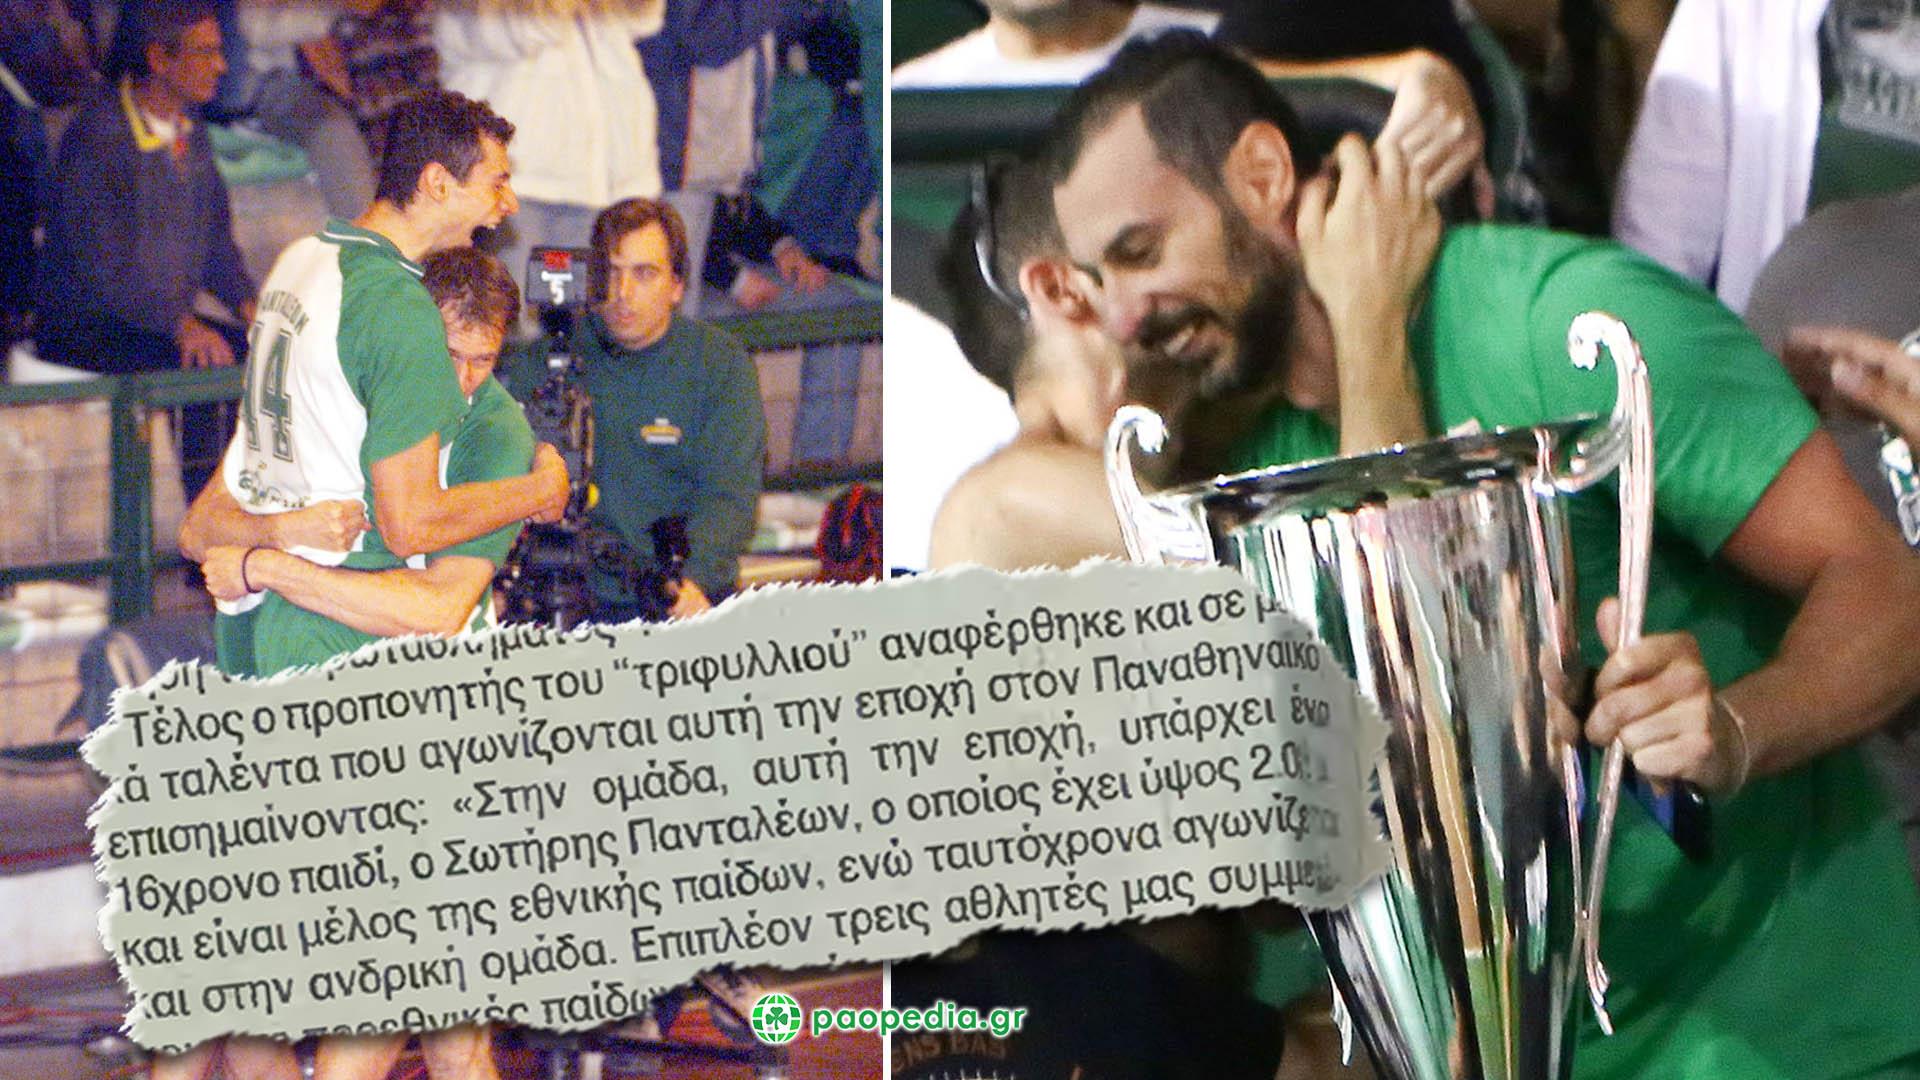 Σωτήρης Πανταλέων ένα 16χρονο αγόρι Παναθηναϊκός paopedia.gr